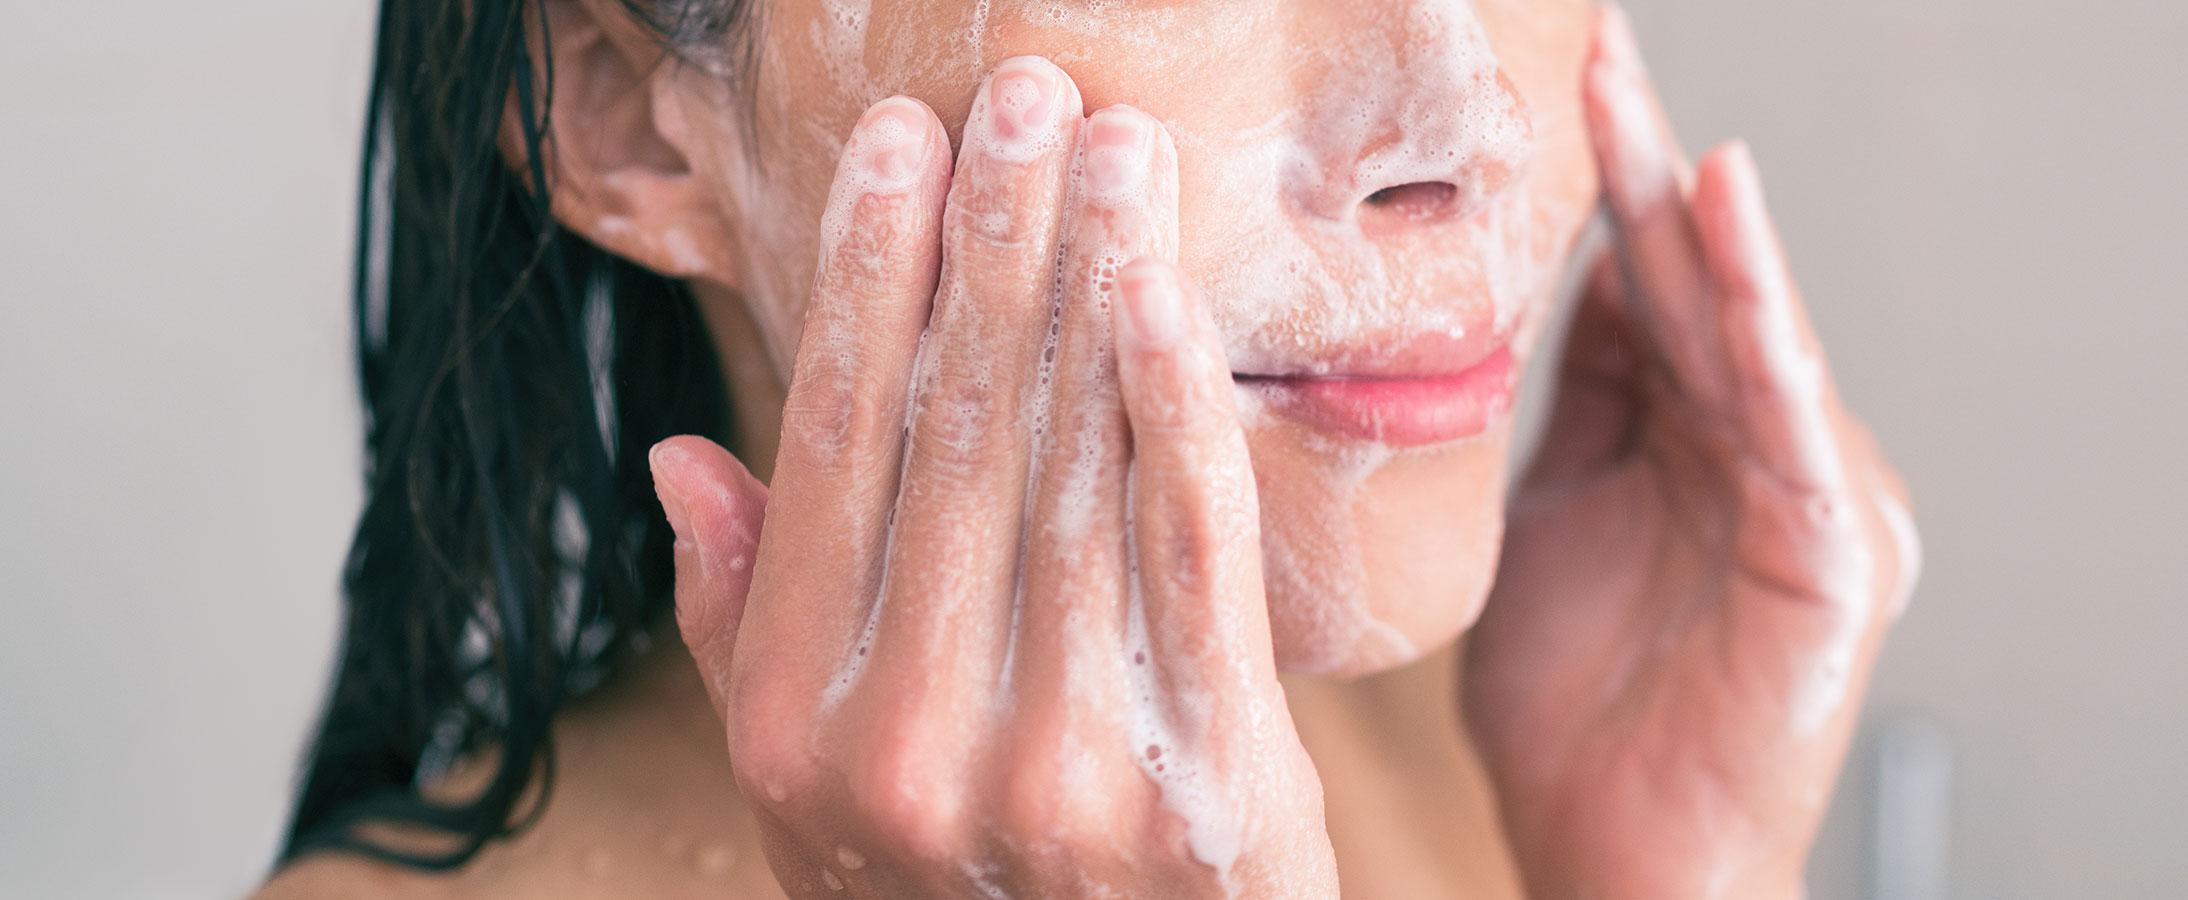 Bạn đã rửa mặt đúng cách chưa? 7 lỗi thường gặp khi rửa mặt